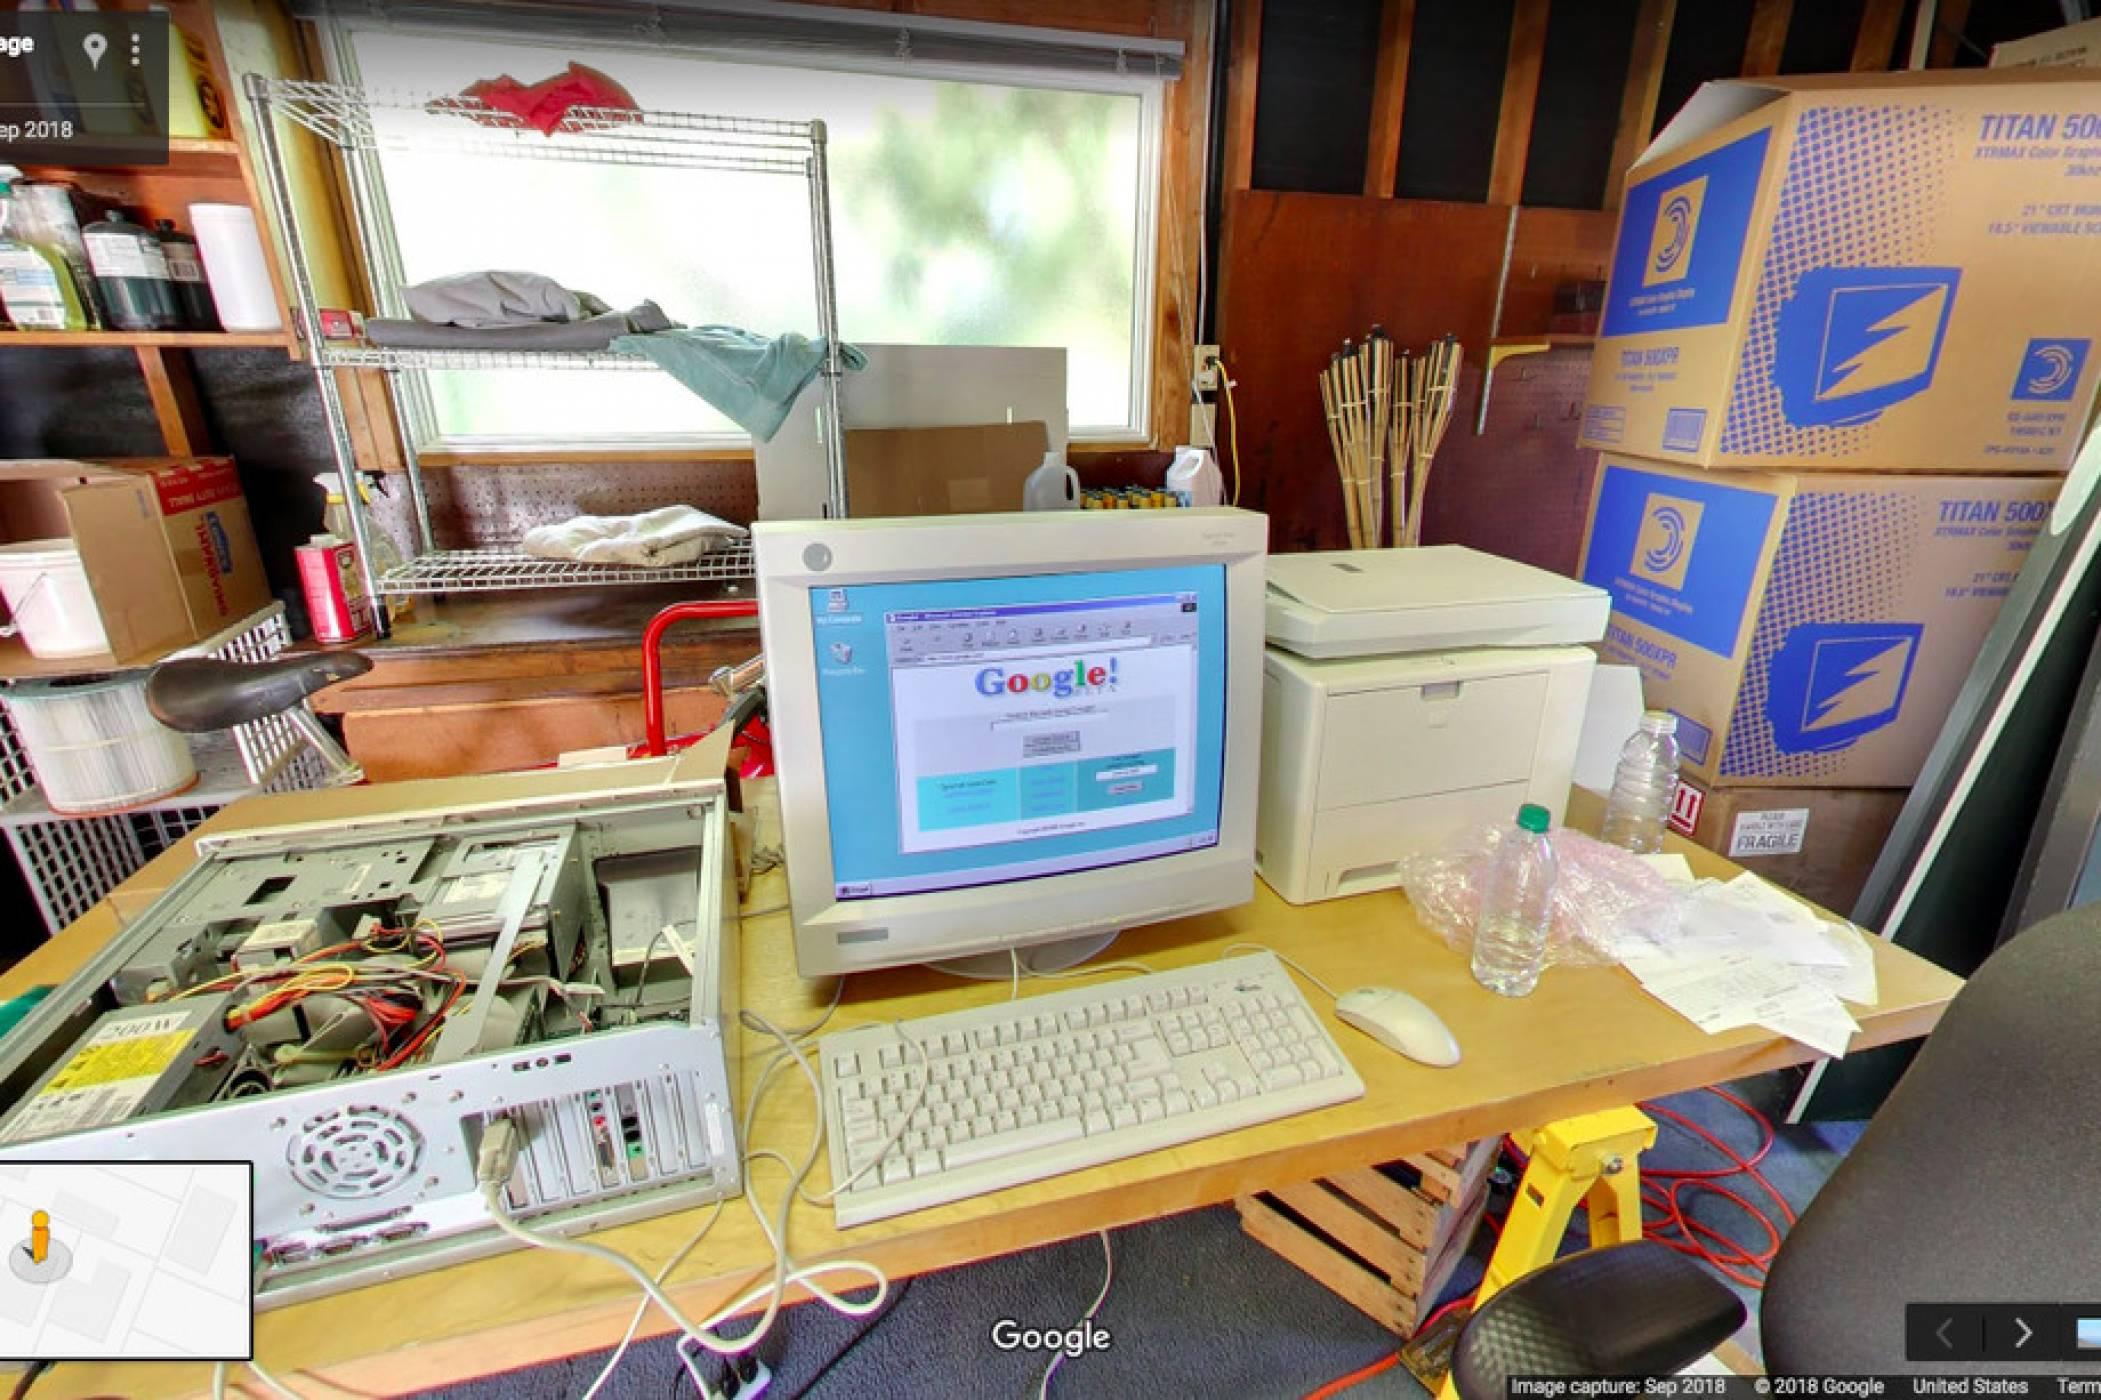 Google Search празнува 20 години с обиколка в гаража, където започва всичко